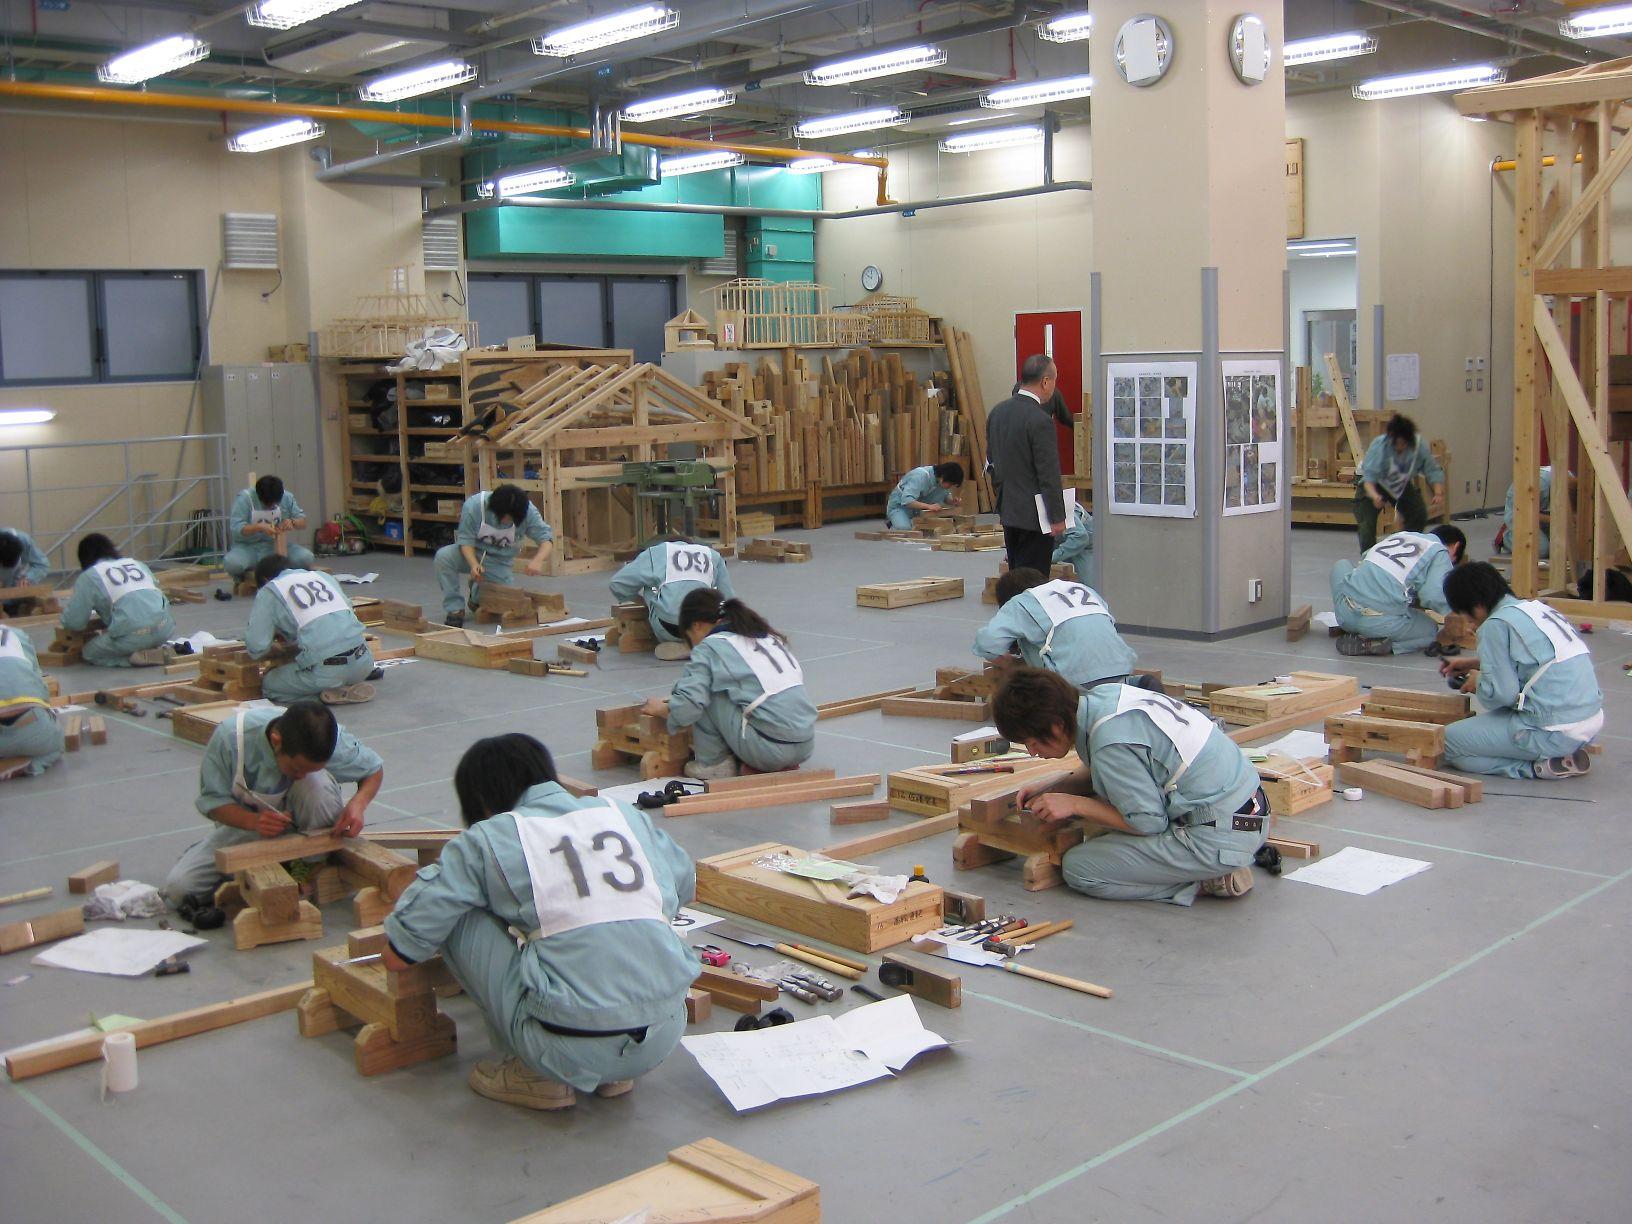 6 kỹ sư xây dựng làm tại Chiba 8/2015 (không yêu cầu tiếng)